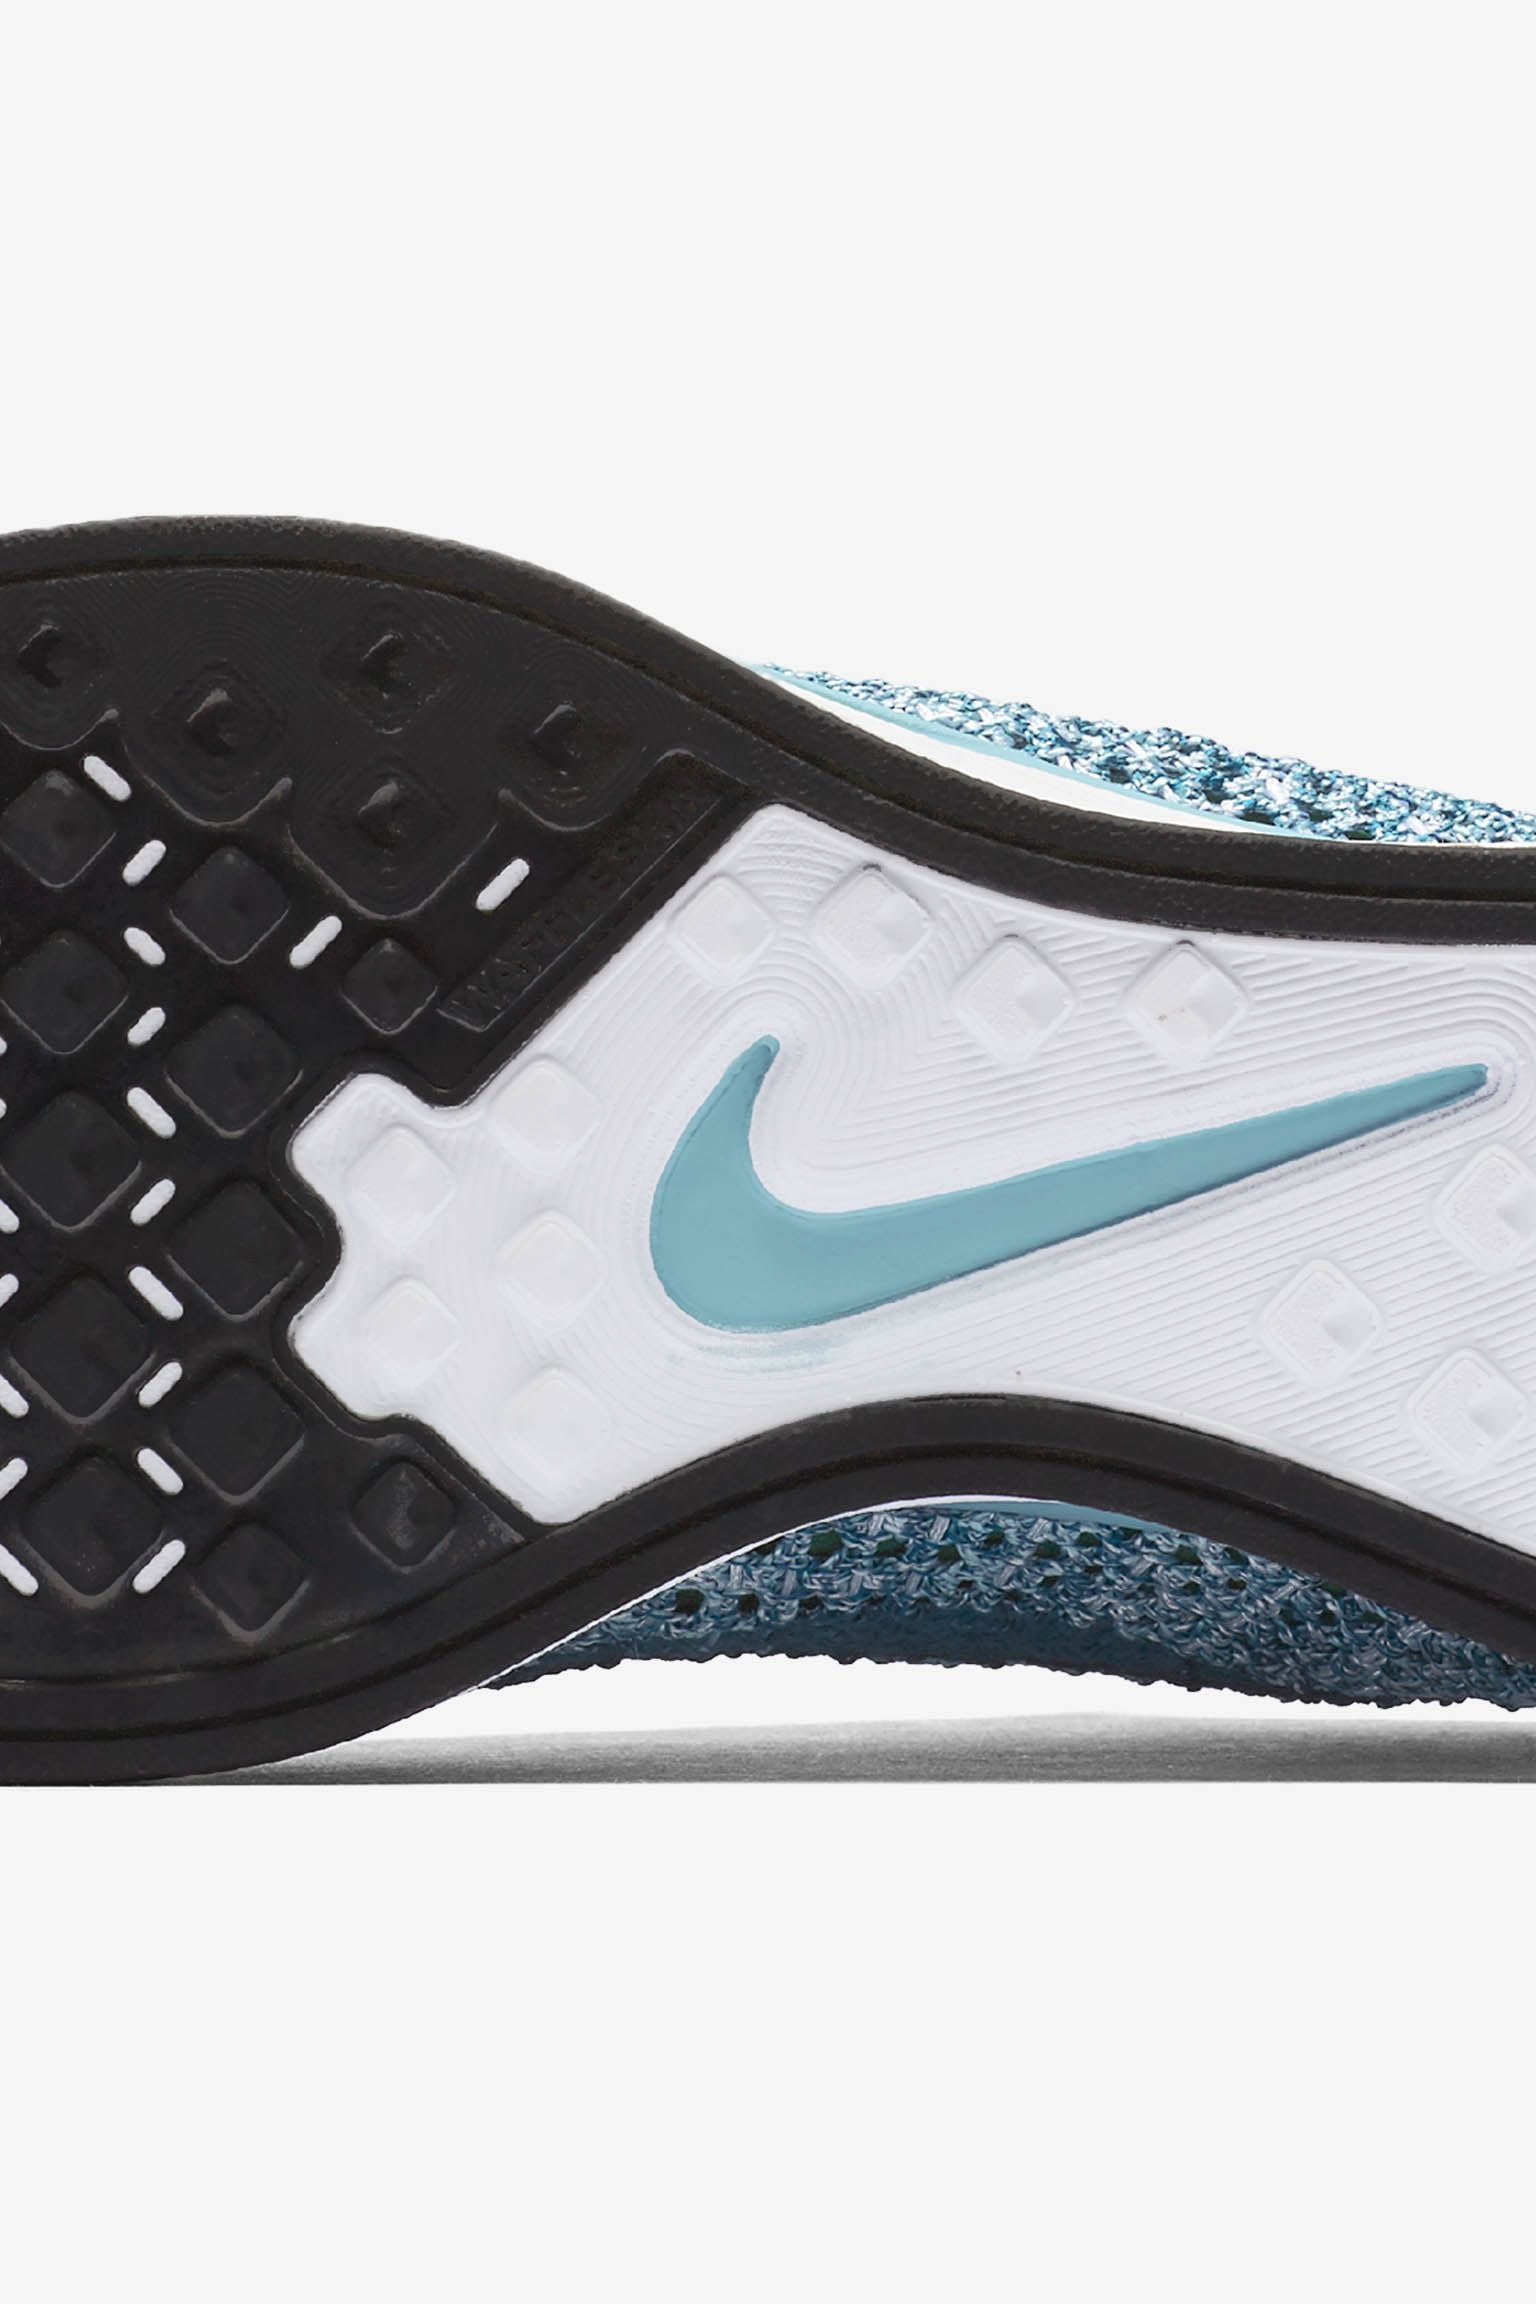 Nike Flyknit Racer 'Blueberry' Release Date